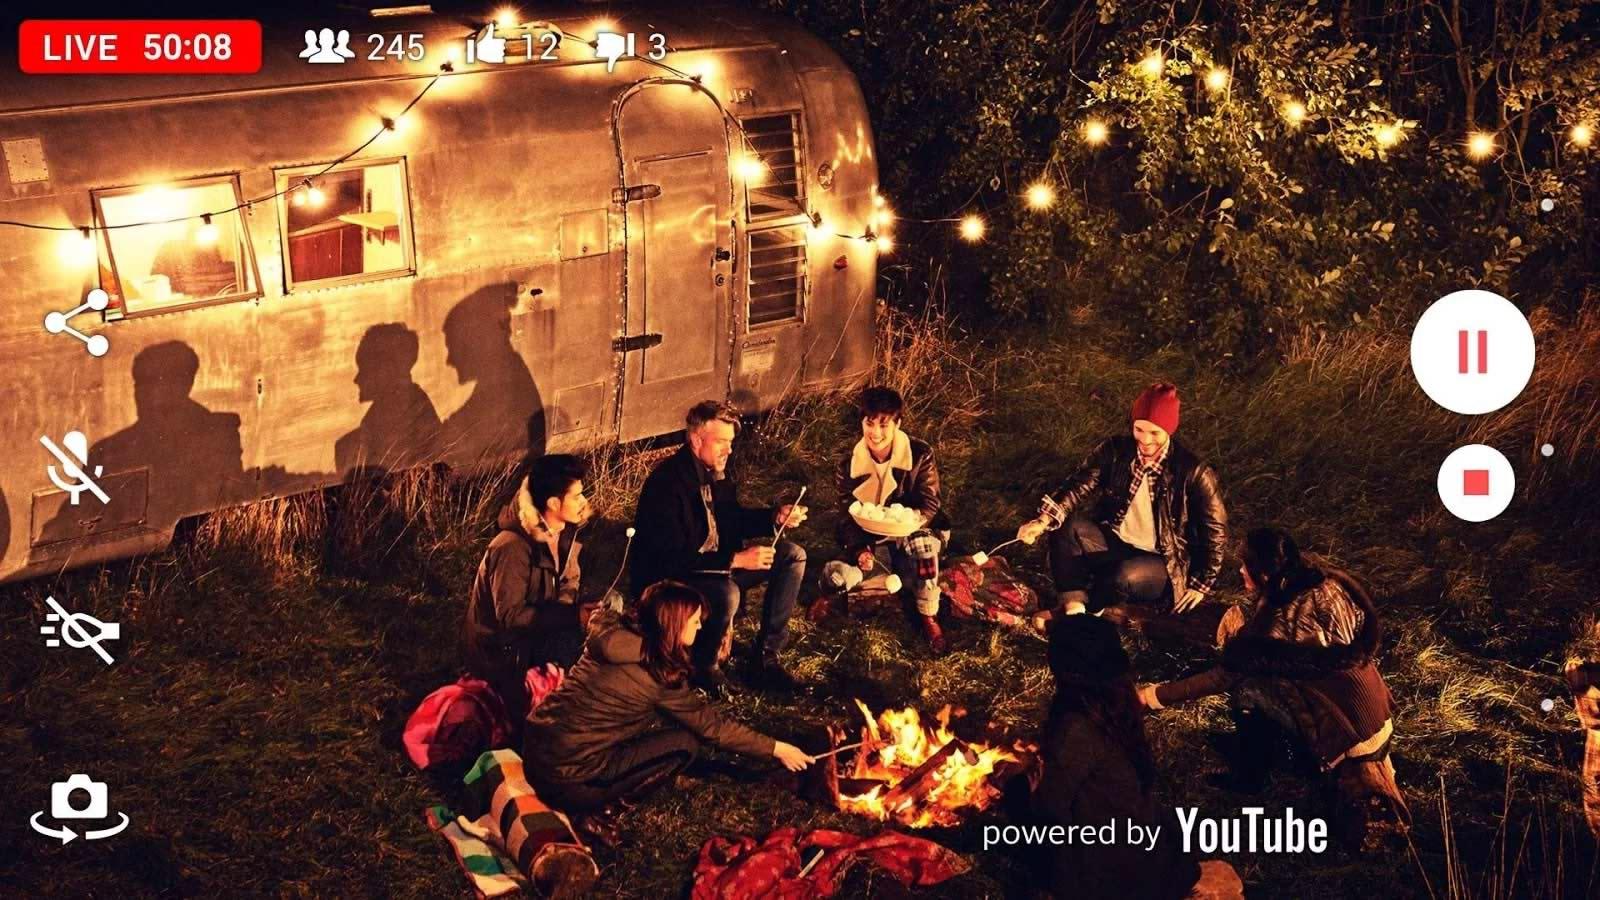 پخش زنده از یوتیوب برای اندروید Live on YouTube – by Xperia